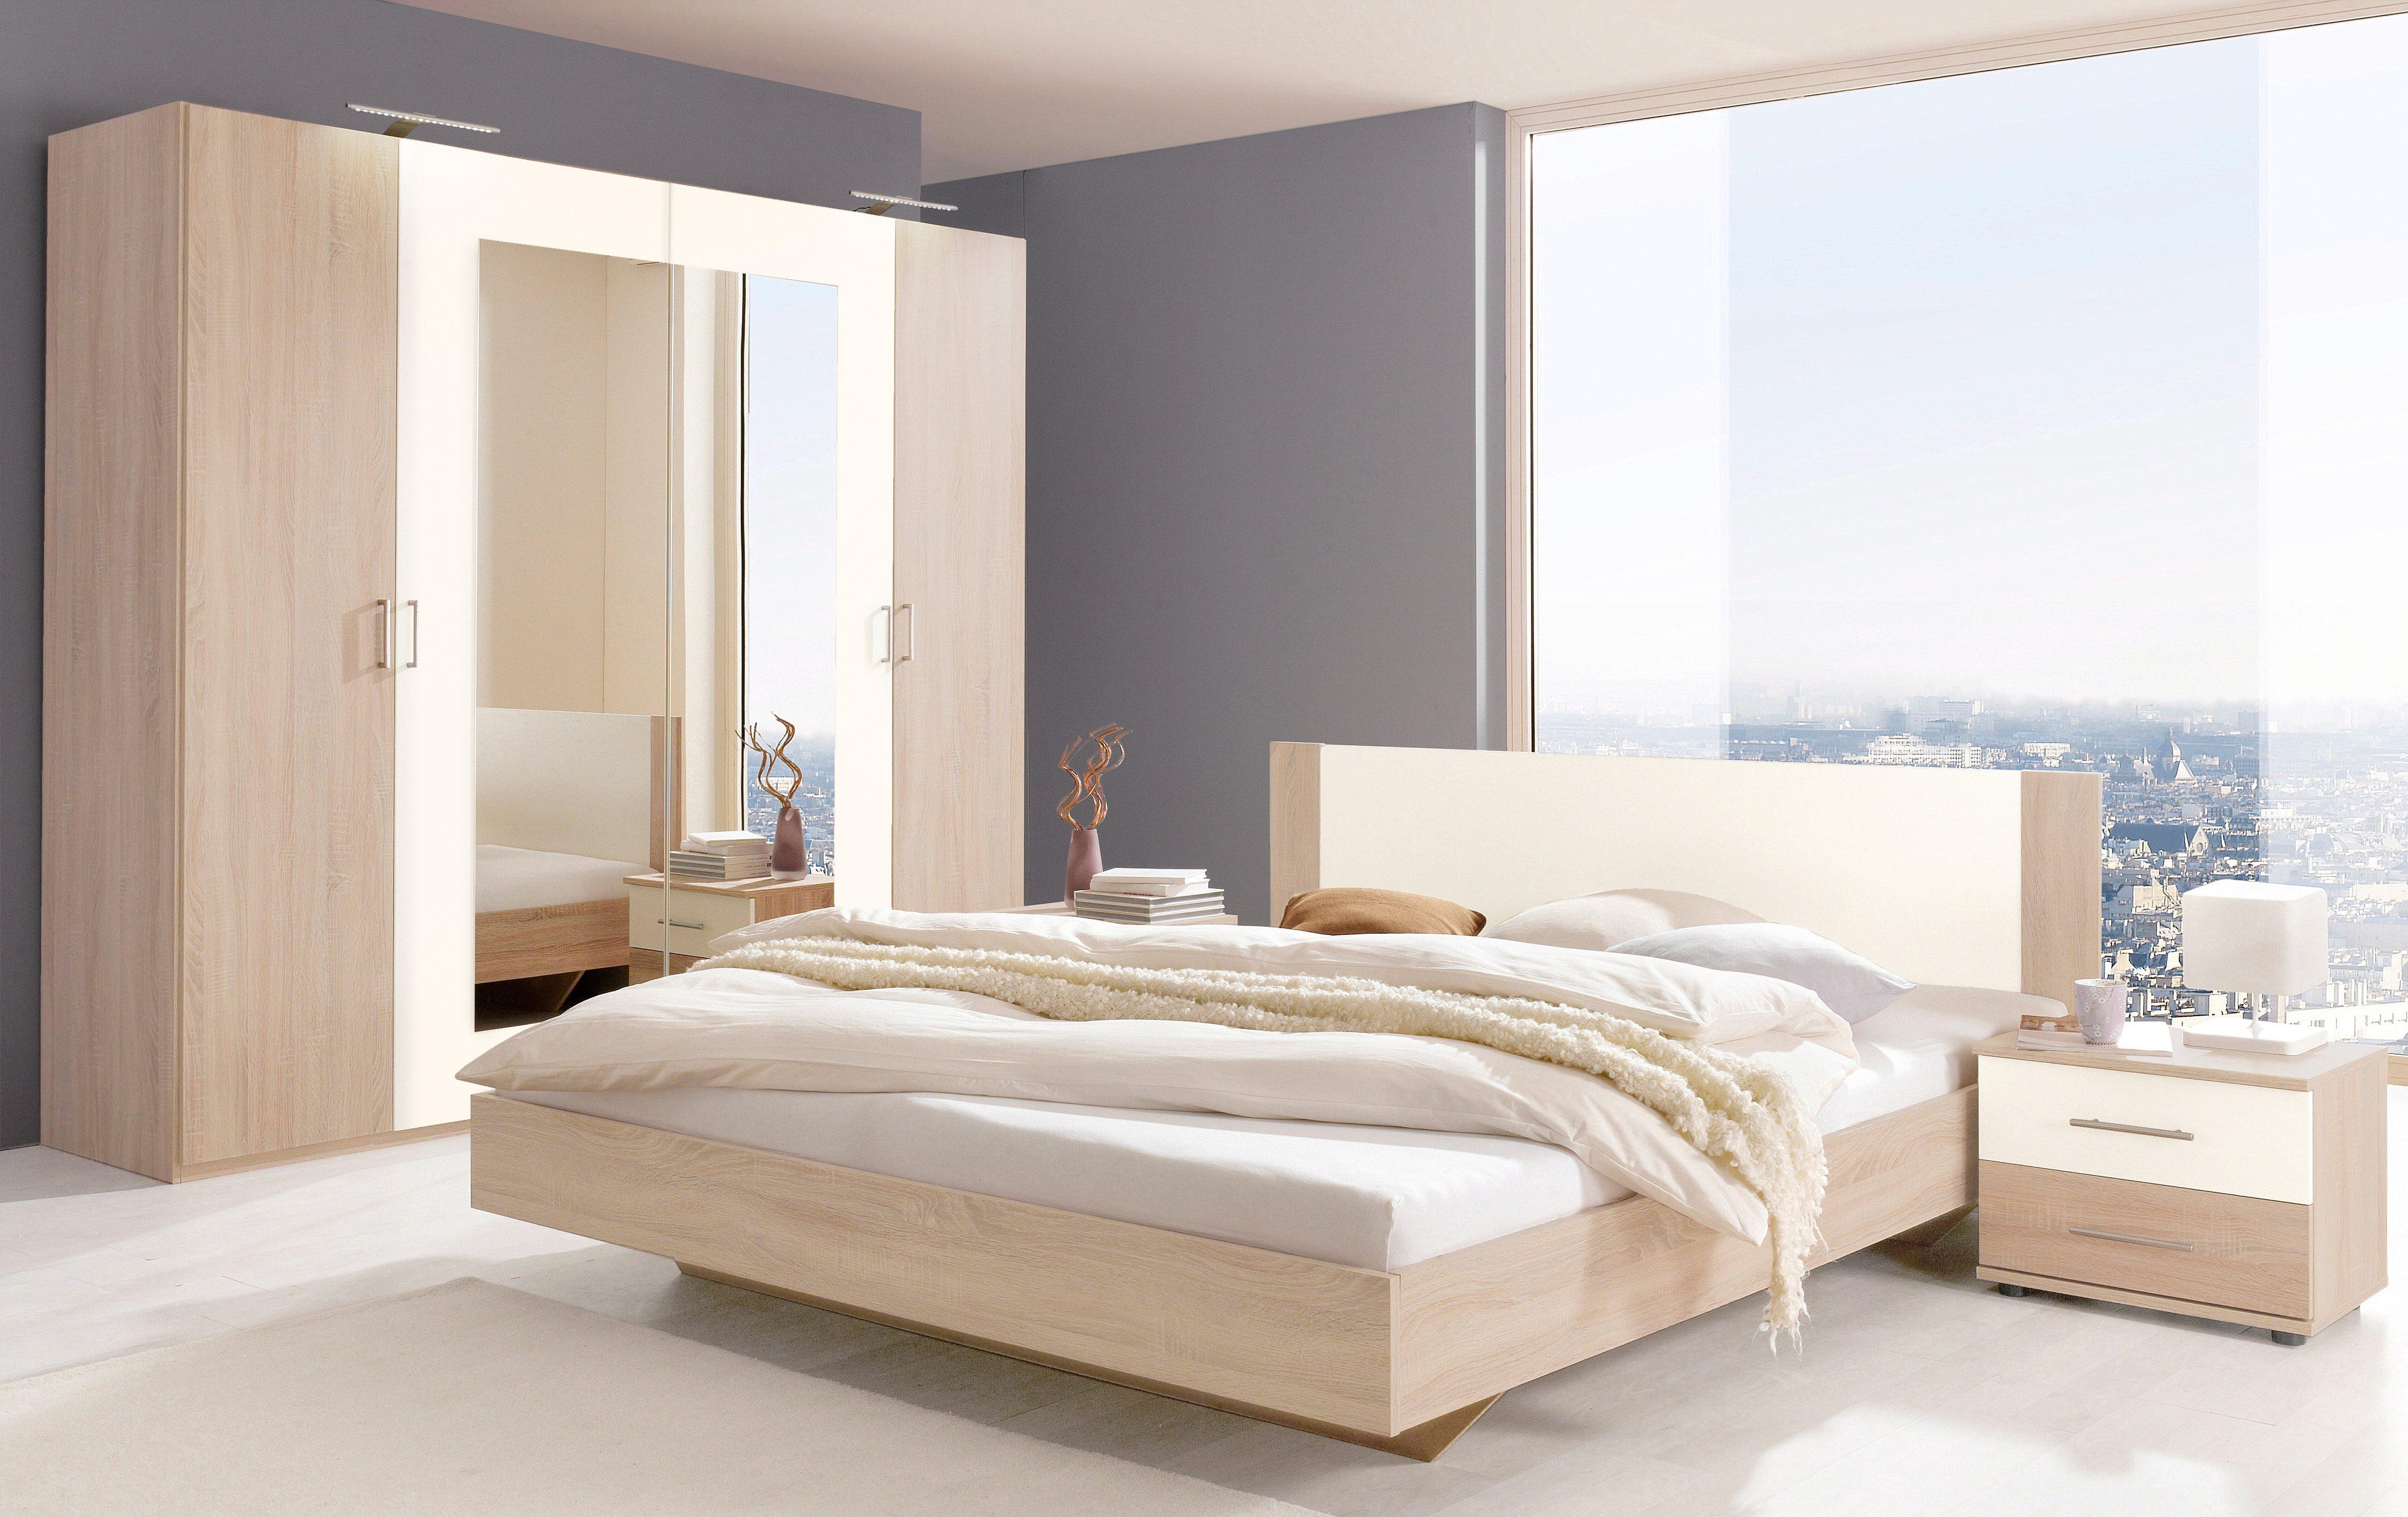 Wimex Schlafzimmer-Set (Set, 4-tlg)   Schlafzimmer > Komplett-Schlafzimmer   Wimex